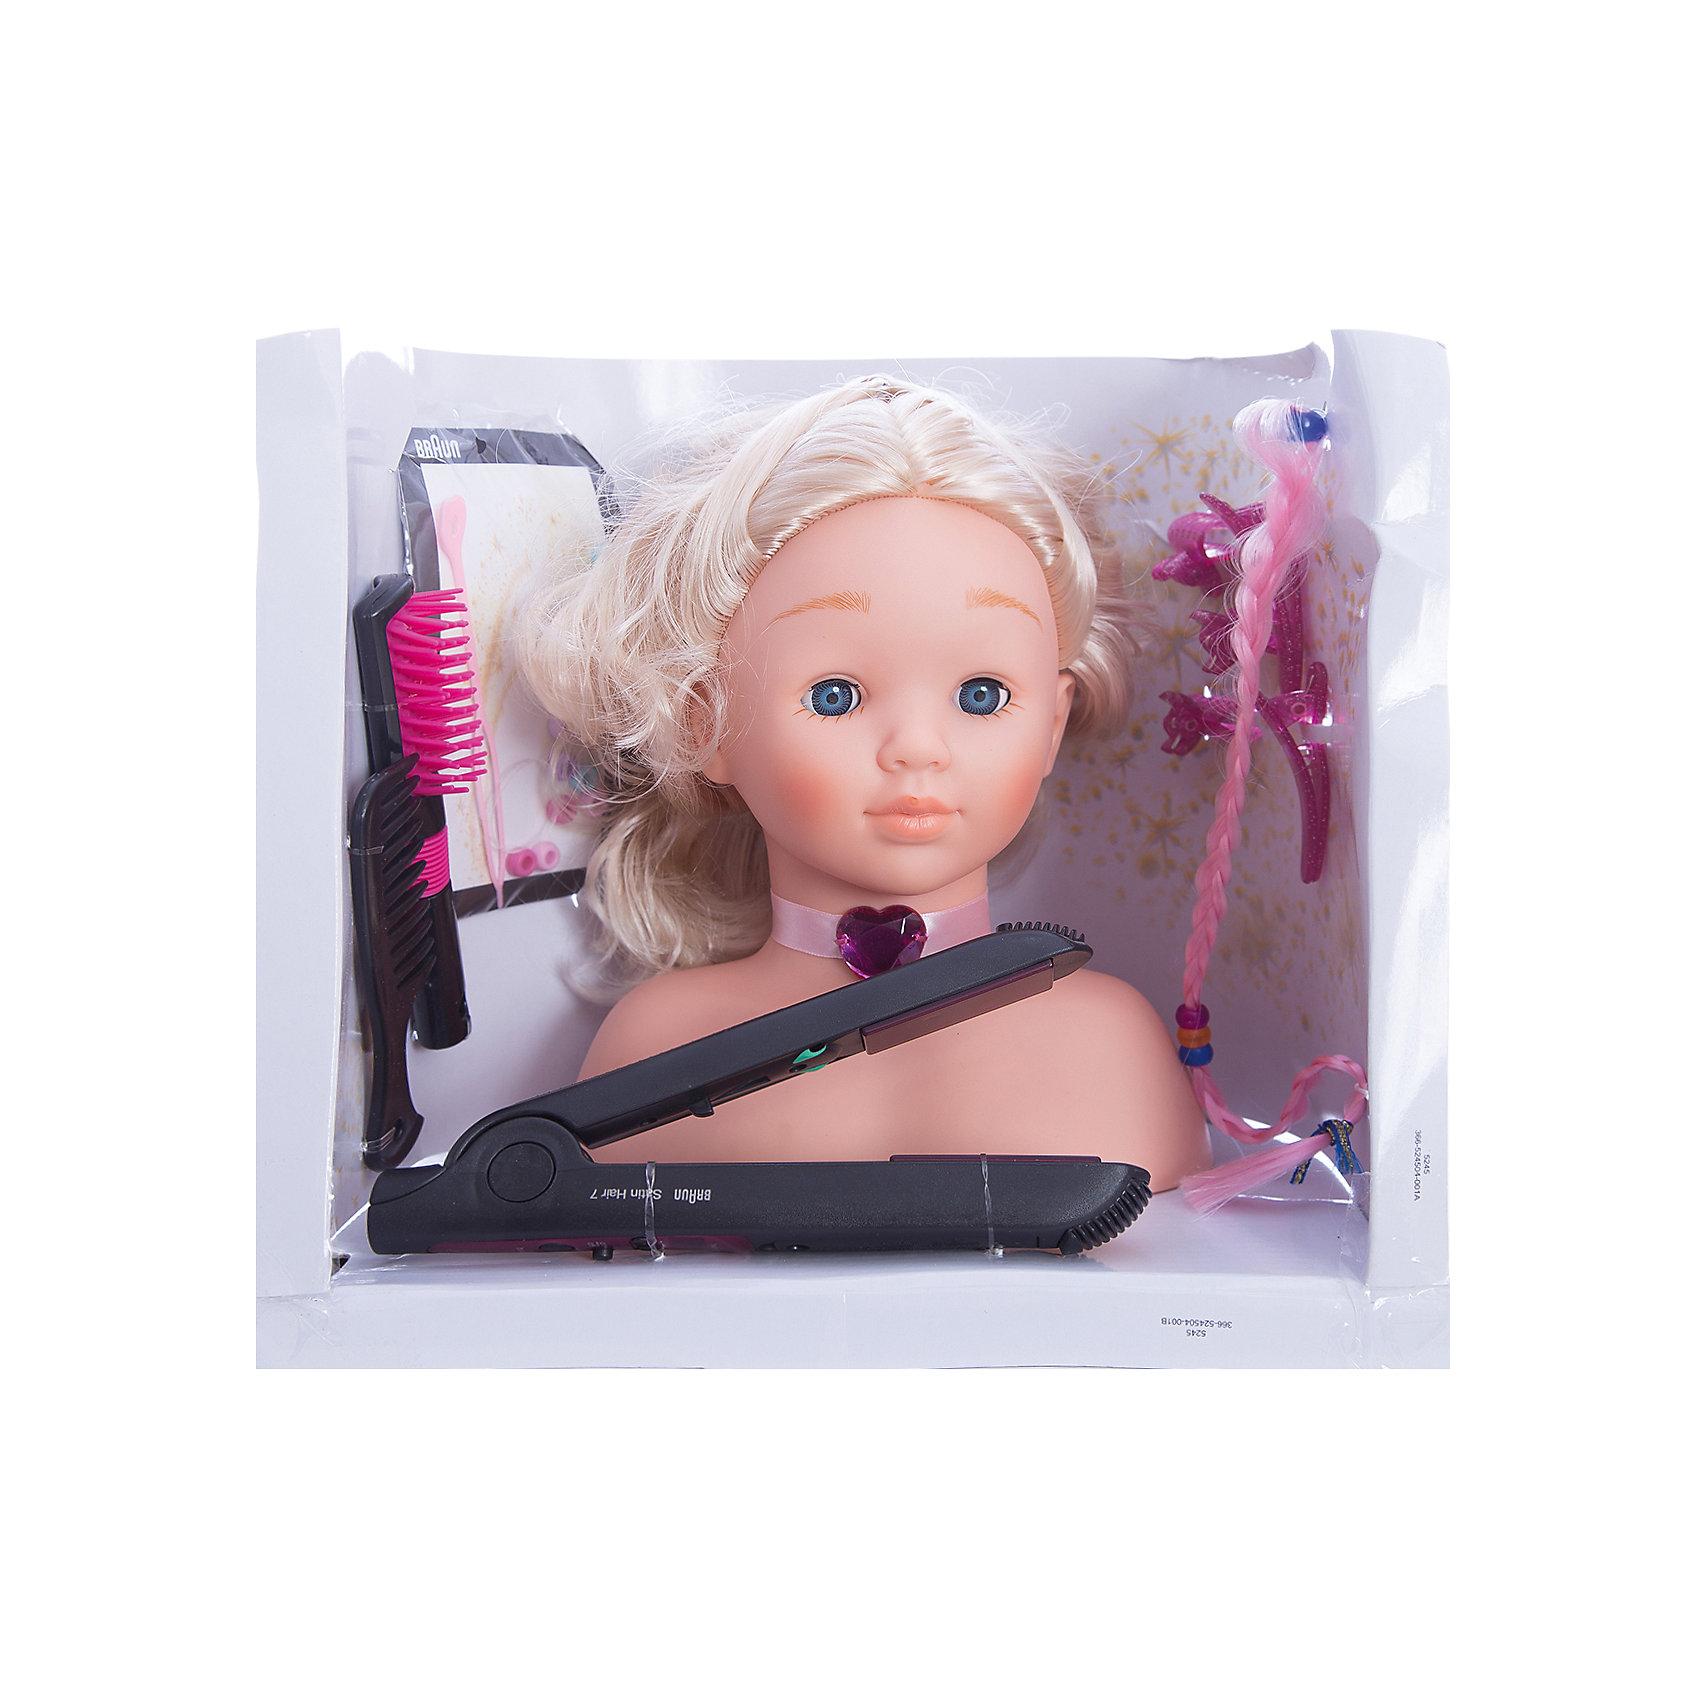 Модель для причесок с утюжком для волос, BRAUNМодель для причесок с утюжком для волос, BRAUN (Браун) – это восхитительный игровой набор для вашего ребенка.<br>Модель для причесок с утюжком Braun для выпрямления волос - это все, что нужно начинающему парикмахеру. С помощью удобного манекена из винила можно научиться создавать различные прически, ухаживать за волосами (расчесывать, мыть), украшать их с помощью всевозможных заколочек. У манекена очаровательное лицо и длинные светлые волосы. Помимо манекена (игрушечной головы), в комплект входят электрический утюжок для выпрямления волос, работающий от батареек, а также различные украшения для волос. При включении утюжок подсвечивается красным светом. Все аксессуары девочка может использовать и сама.<br><br>Дополнительная информация:<br><br>- Возраст: для детей от 3 лет<br>- Материал: винил, пластмасса, текстиль<br>- Для работы игрушки необходима 1 батарейка R6, 1,5V, типа АА (батарейка не входит в комплект)<br>- В наборе: кукольная голова из винила с пышными волосами, щетка, расческа, заколочки, крабики, дополнительная косичка для создания причесок, украшения для волос, утюжок для выпрямления волос BRAUN SATIN HAIR 7<br>- Высота манекена: 25 см.<br>- Размер упаковки: 30 х 29 х 25 см.<br><br>Модель для причесок с утюжком для волос, BRAUN (Браун) от klein (Кляйн) можно купить в нашем интернет-магазине.<br><br>Ширина мм: 305<br>Глубина мм: 255<br>Высота мм: 204<br>Вес г: 919<br>Возраст от месяцев: 36<br>Возраст до месяцев: 72<br>Пол: Женский<br>Возраст: Детский<br>SKU: 3191299